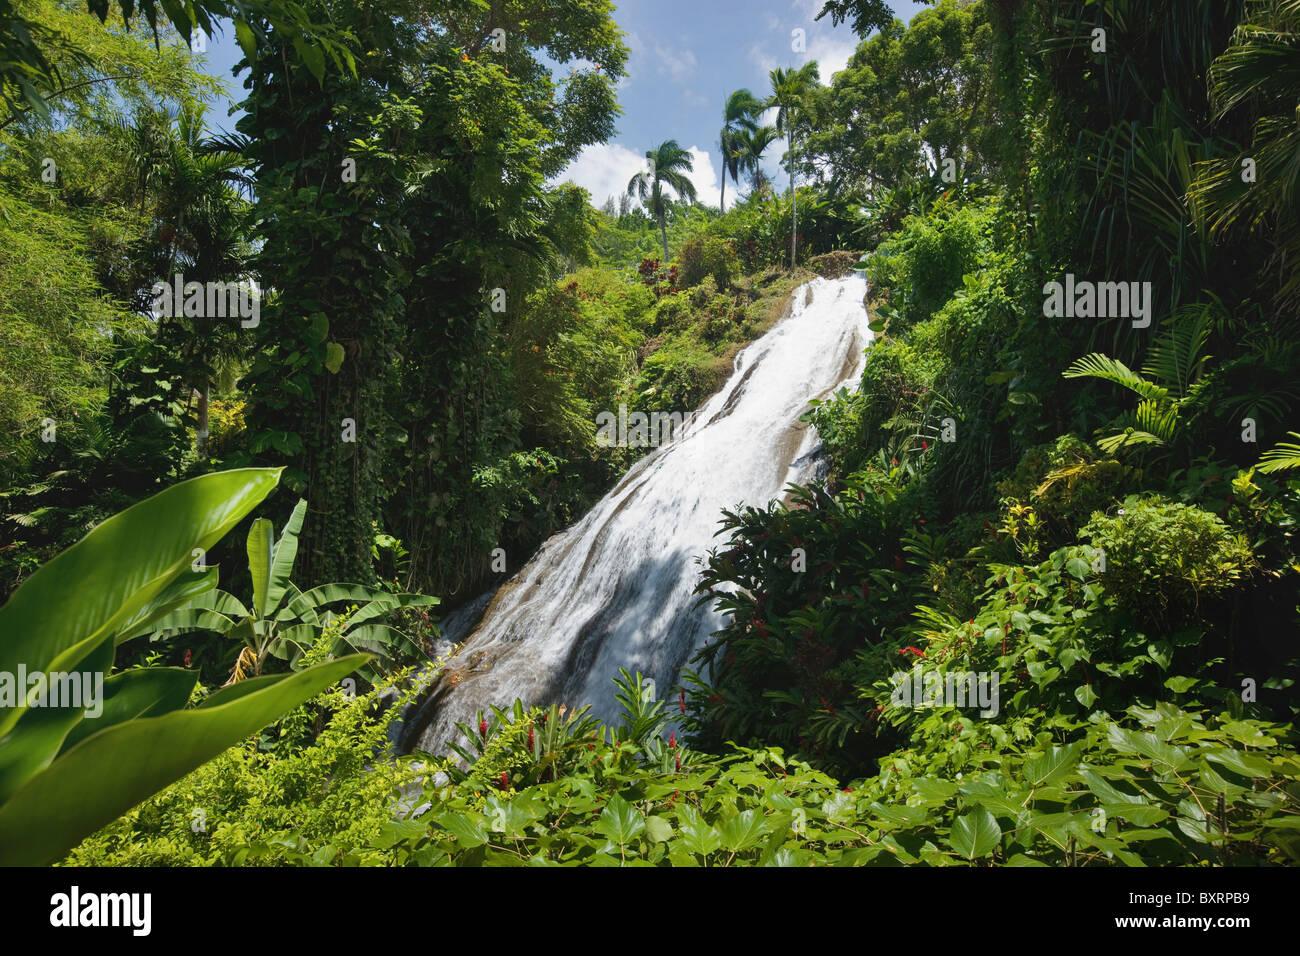 Jamaica, Ocho Ríos, el Shaw Park, Cascada en jardines botánicos Foto de stock